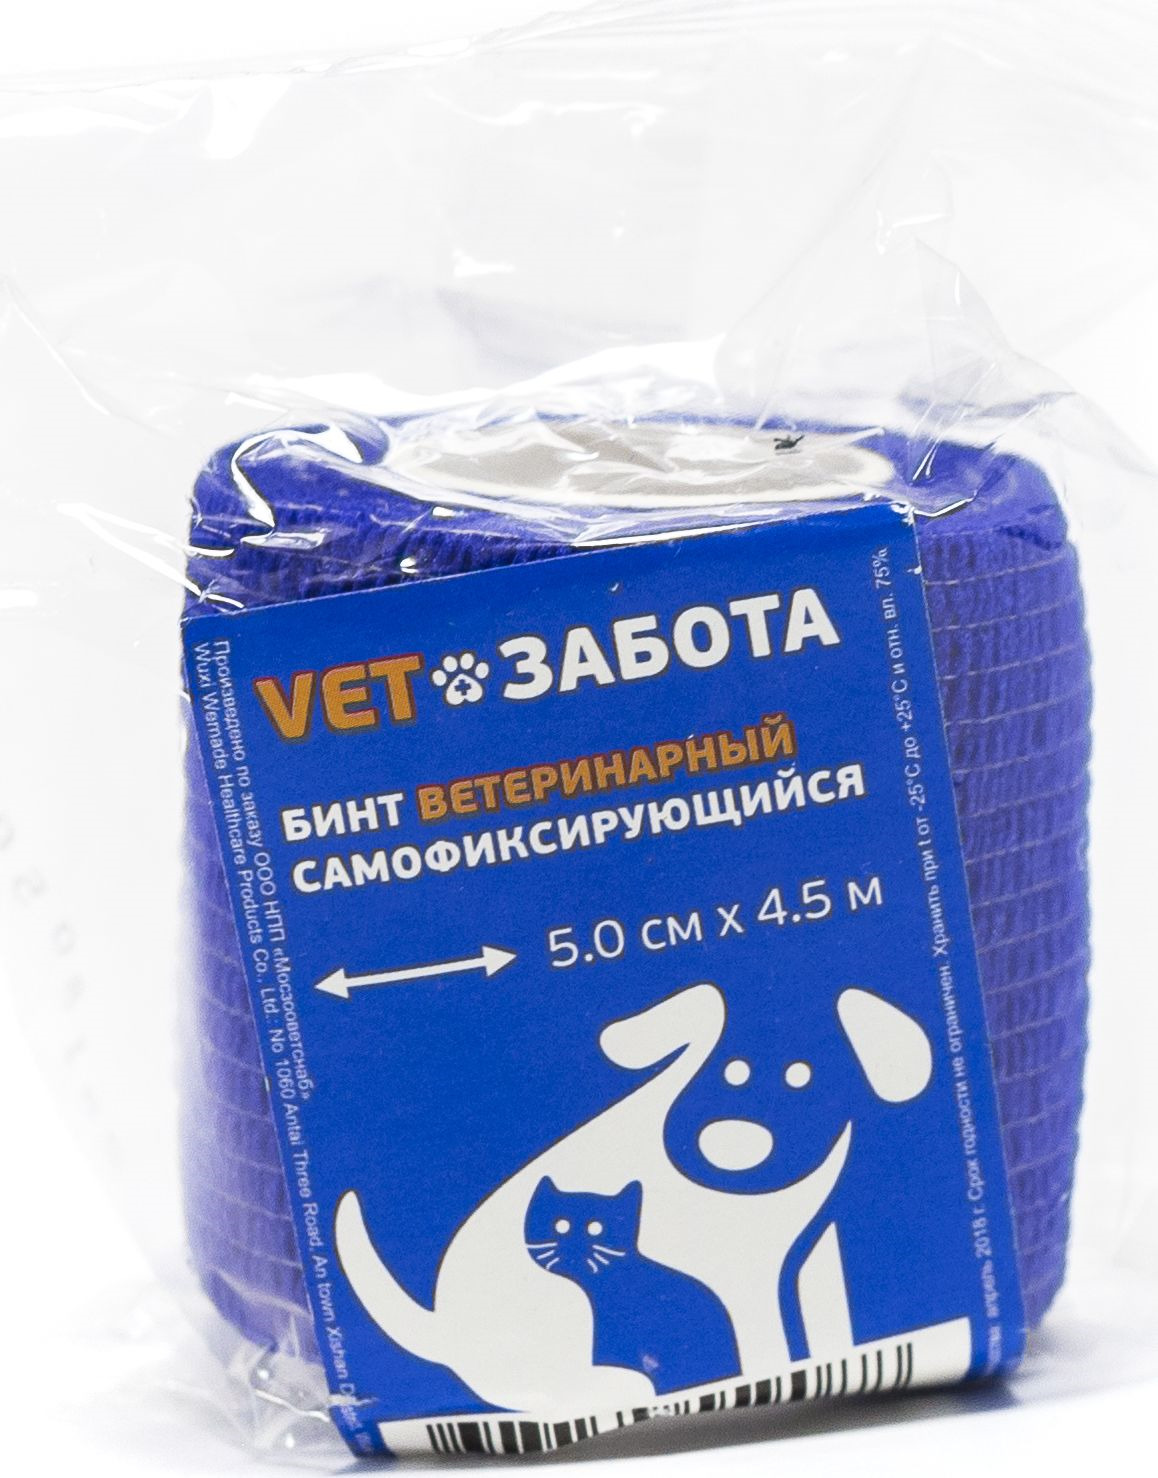 Бинт ветеринарный Vetзабота, самофиксирующийся, синий, 5 см х 4,5 м